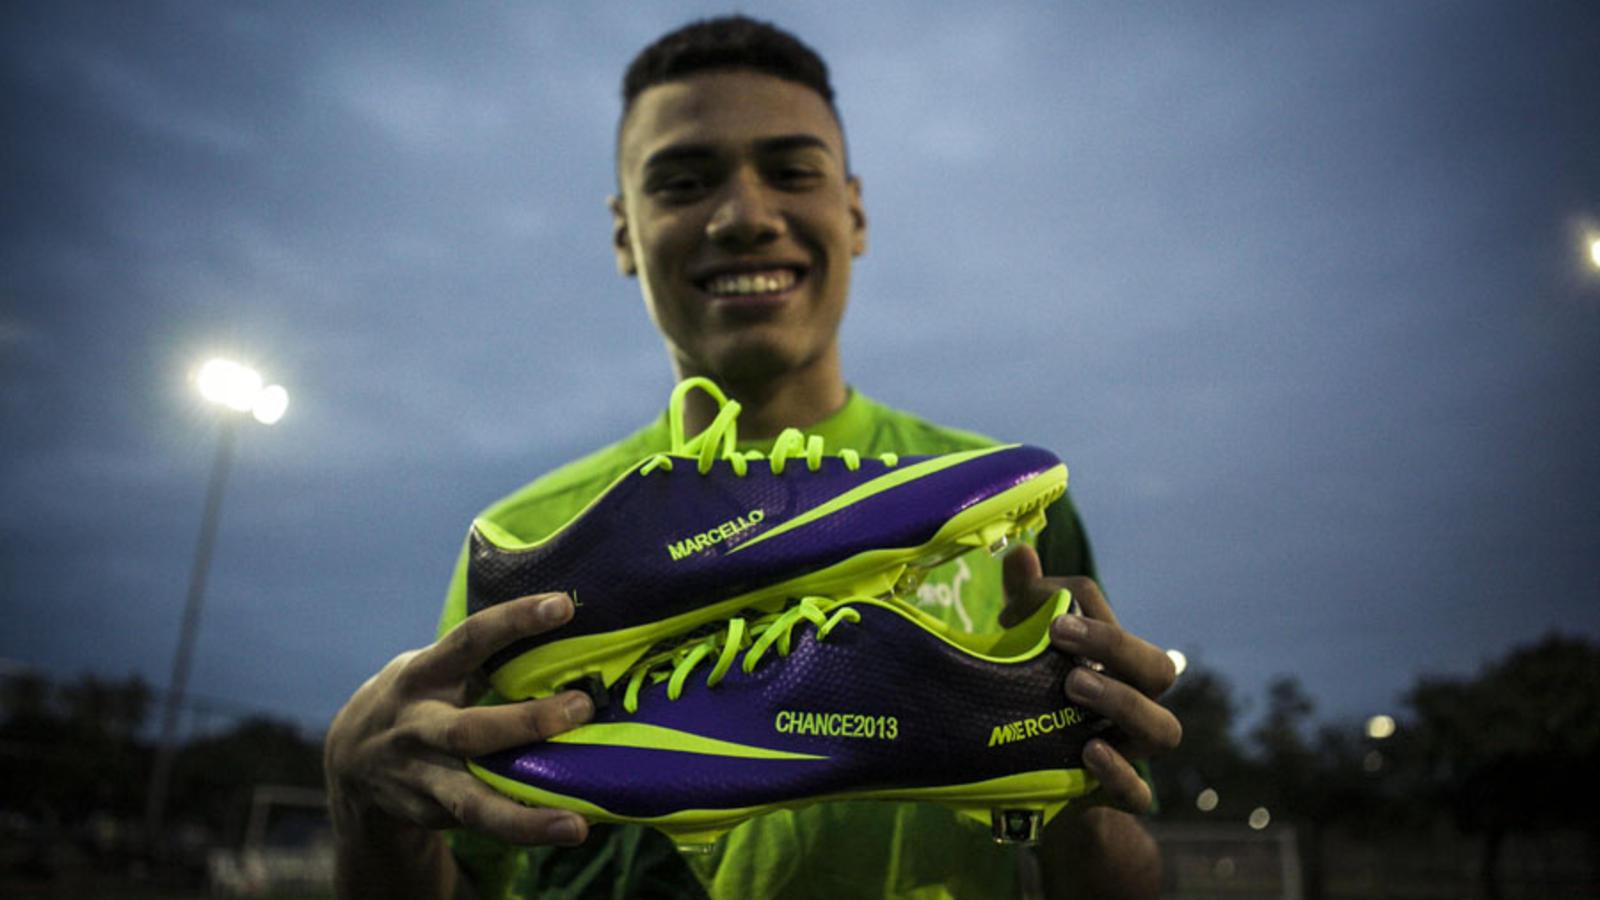 Marcello Nike Chance Chuteira Personalisada